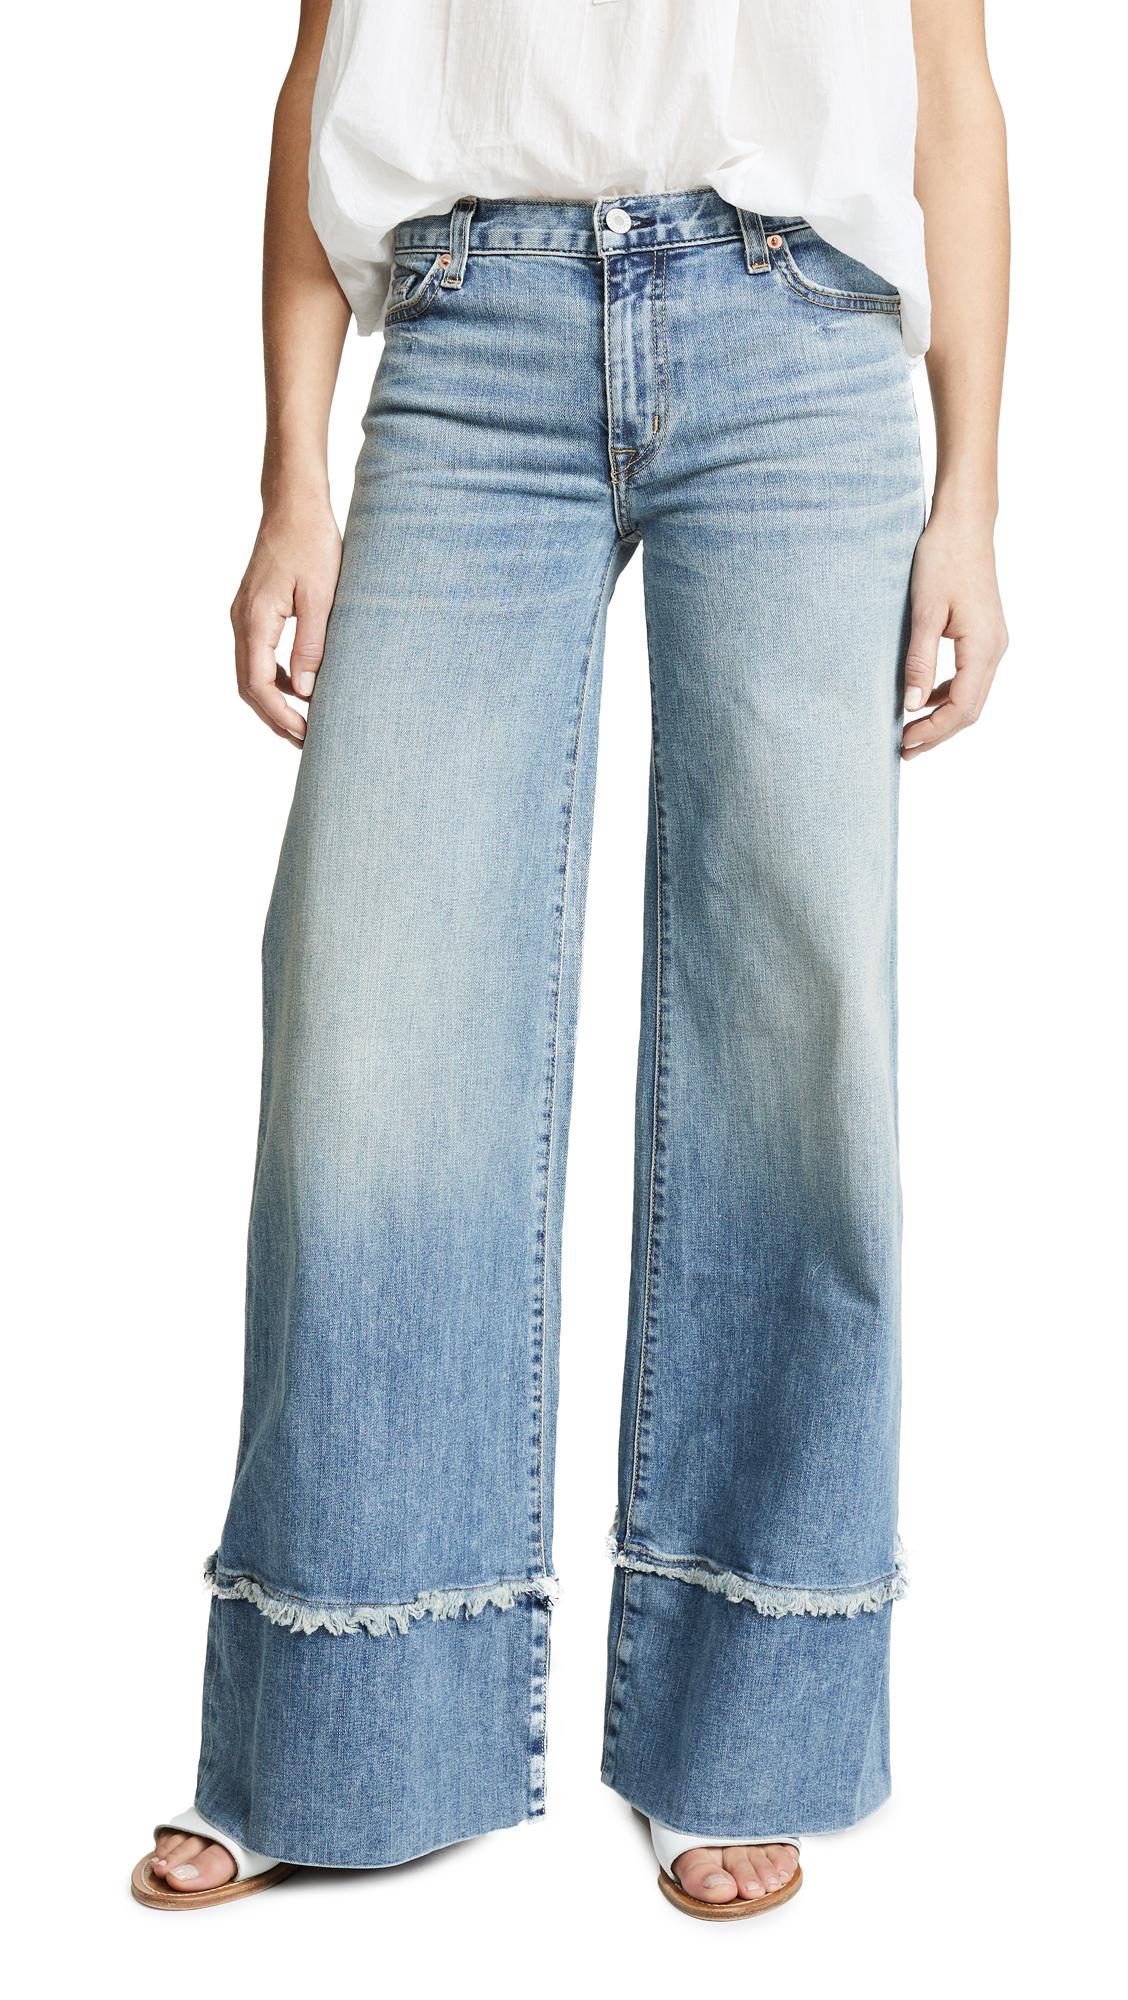 Nili Lotan Savina Jeans In Venice Wash